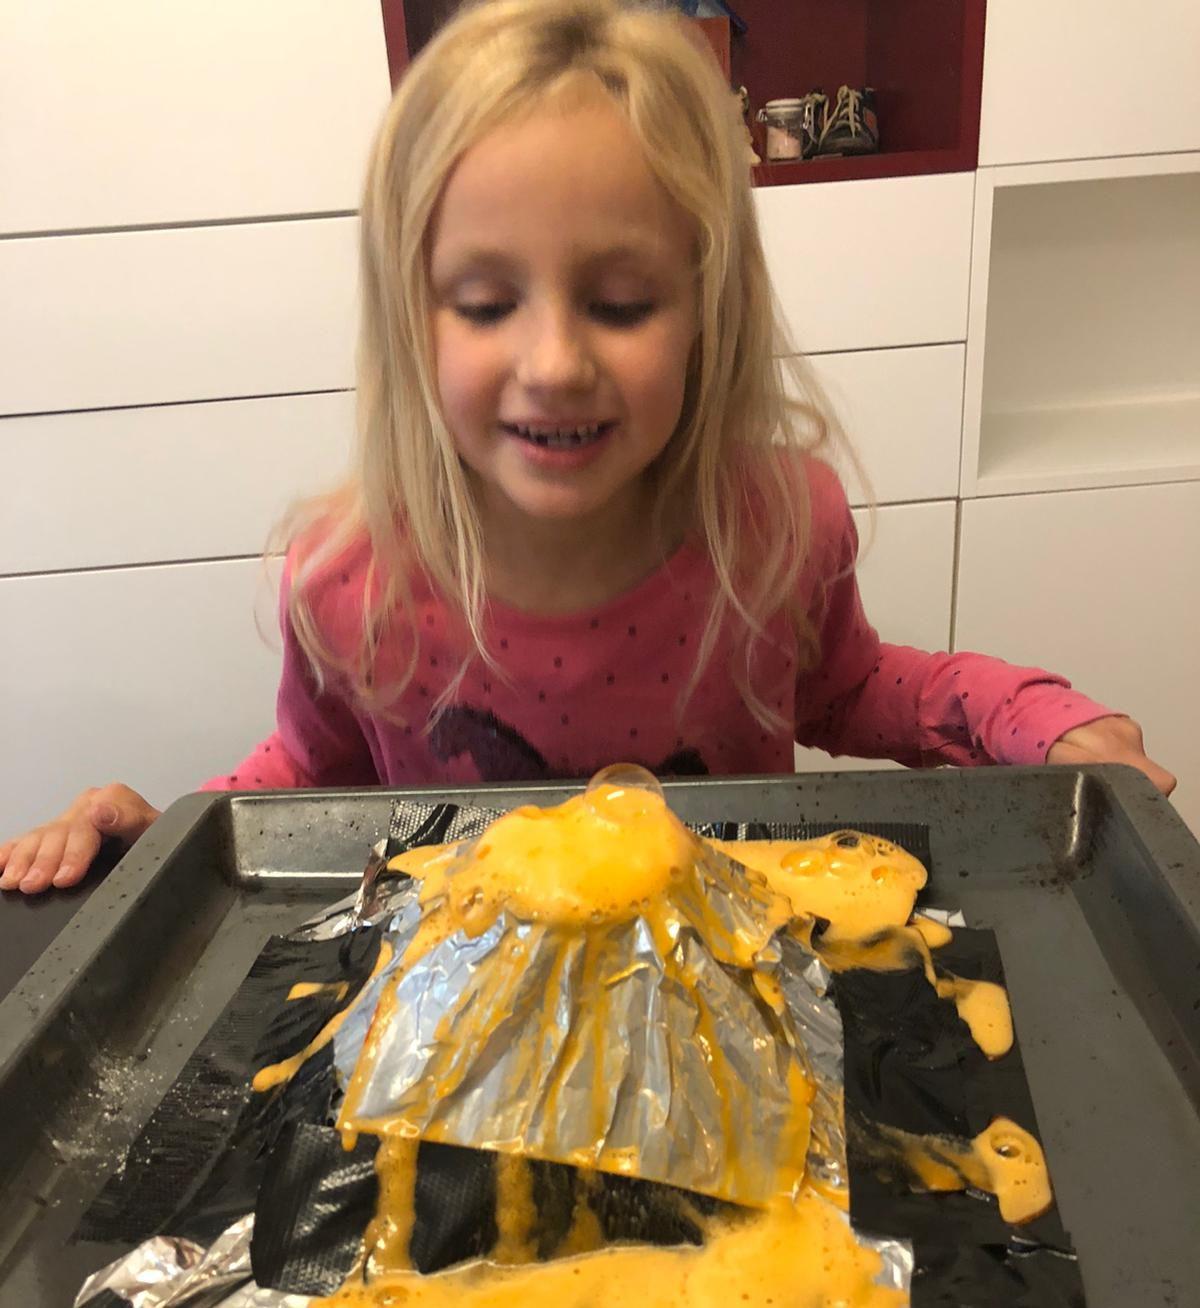 Ein Mädchen schaut auf seinen selbst gebastelten Vulkan aus Alufolie, aus dem gelber Schaum quillt (Quelle: Katharina Baumgartner)